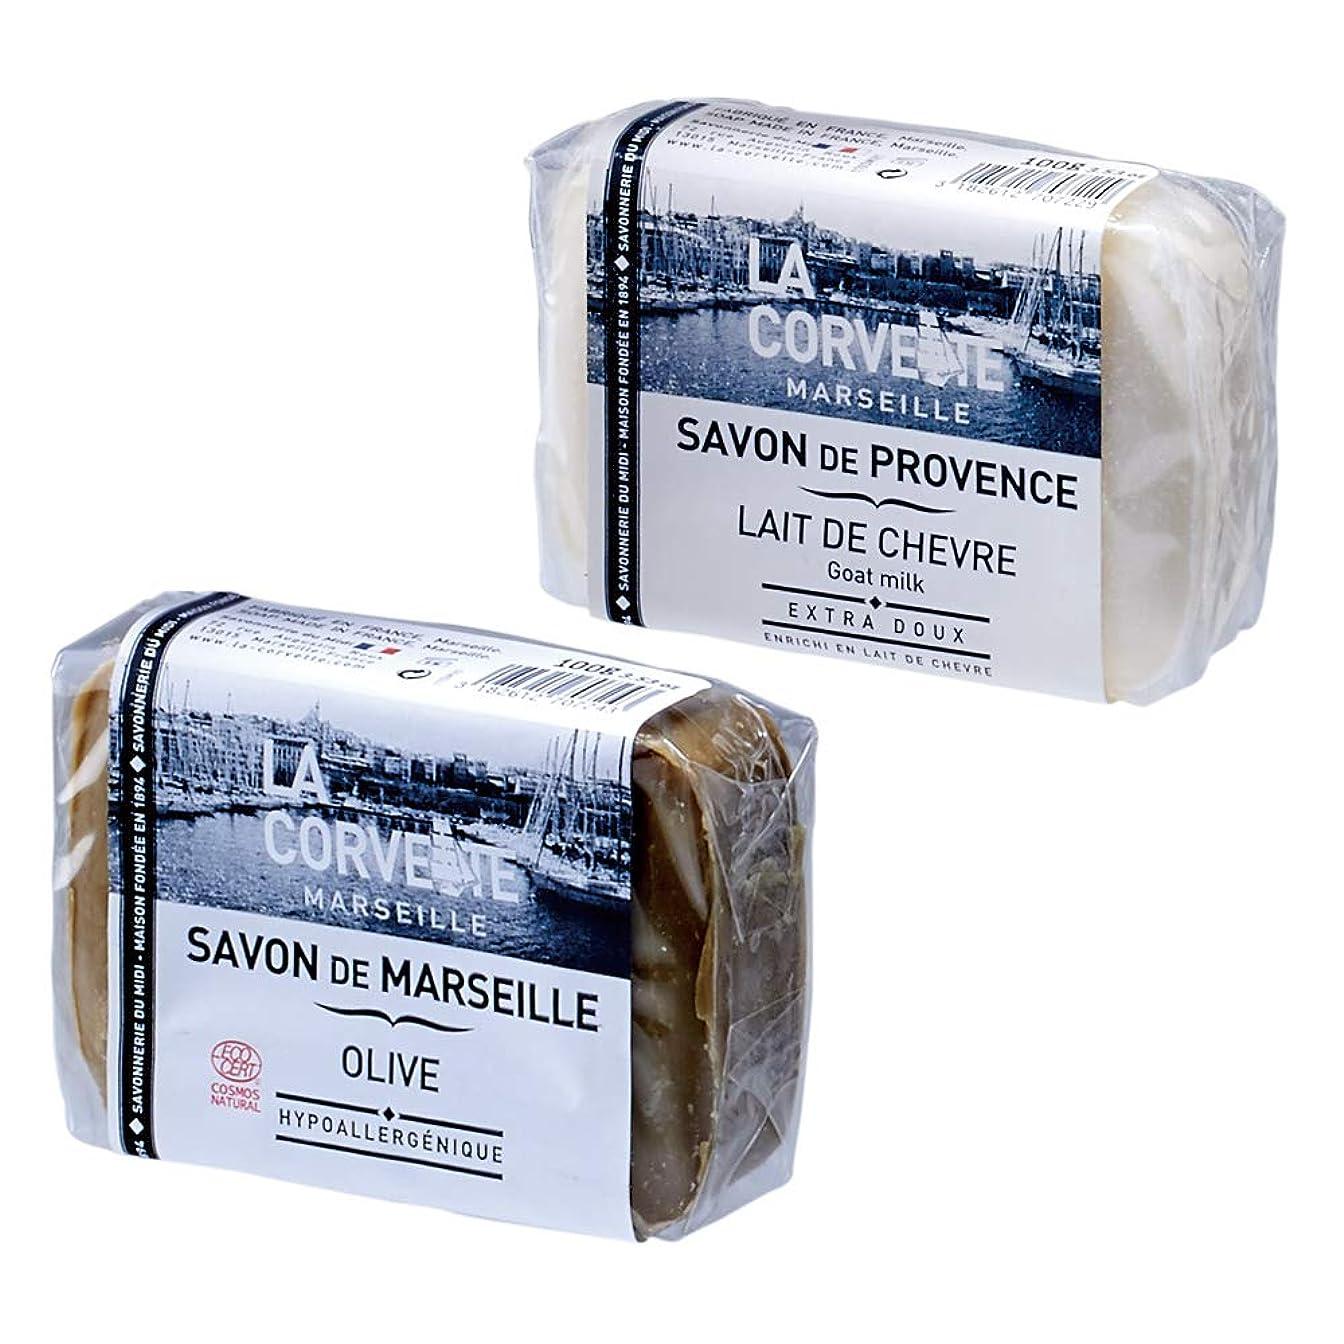 お誕生日無駄なクルーフランスお土産 マルセイユ石けん 2種セット オリーブ&ゴートミルク 2種セット